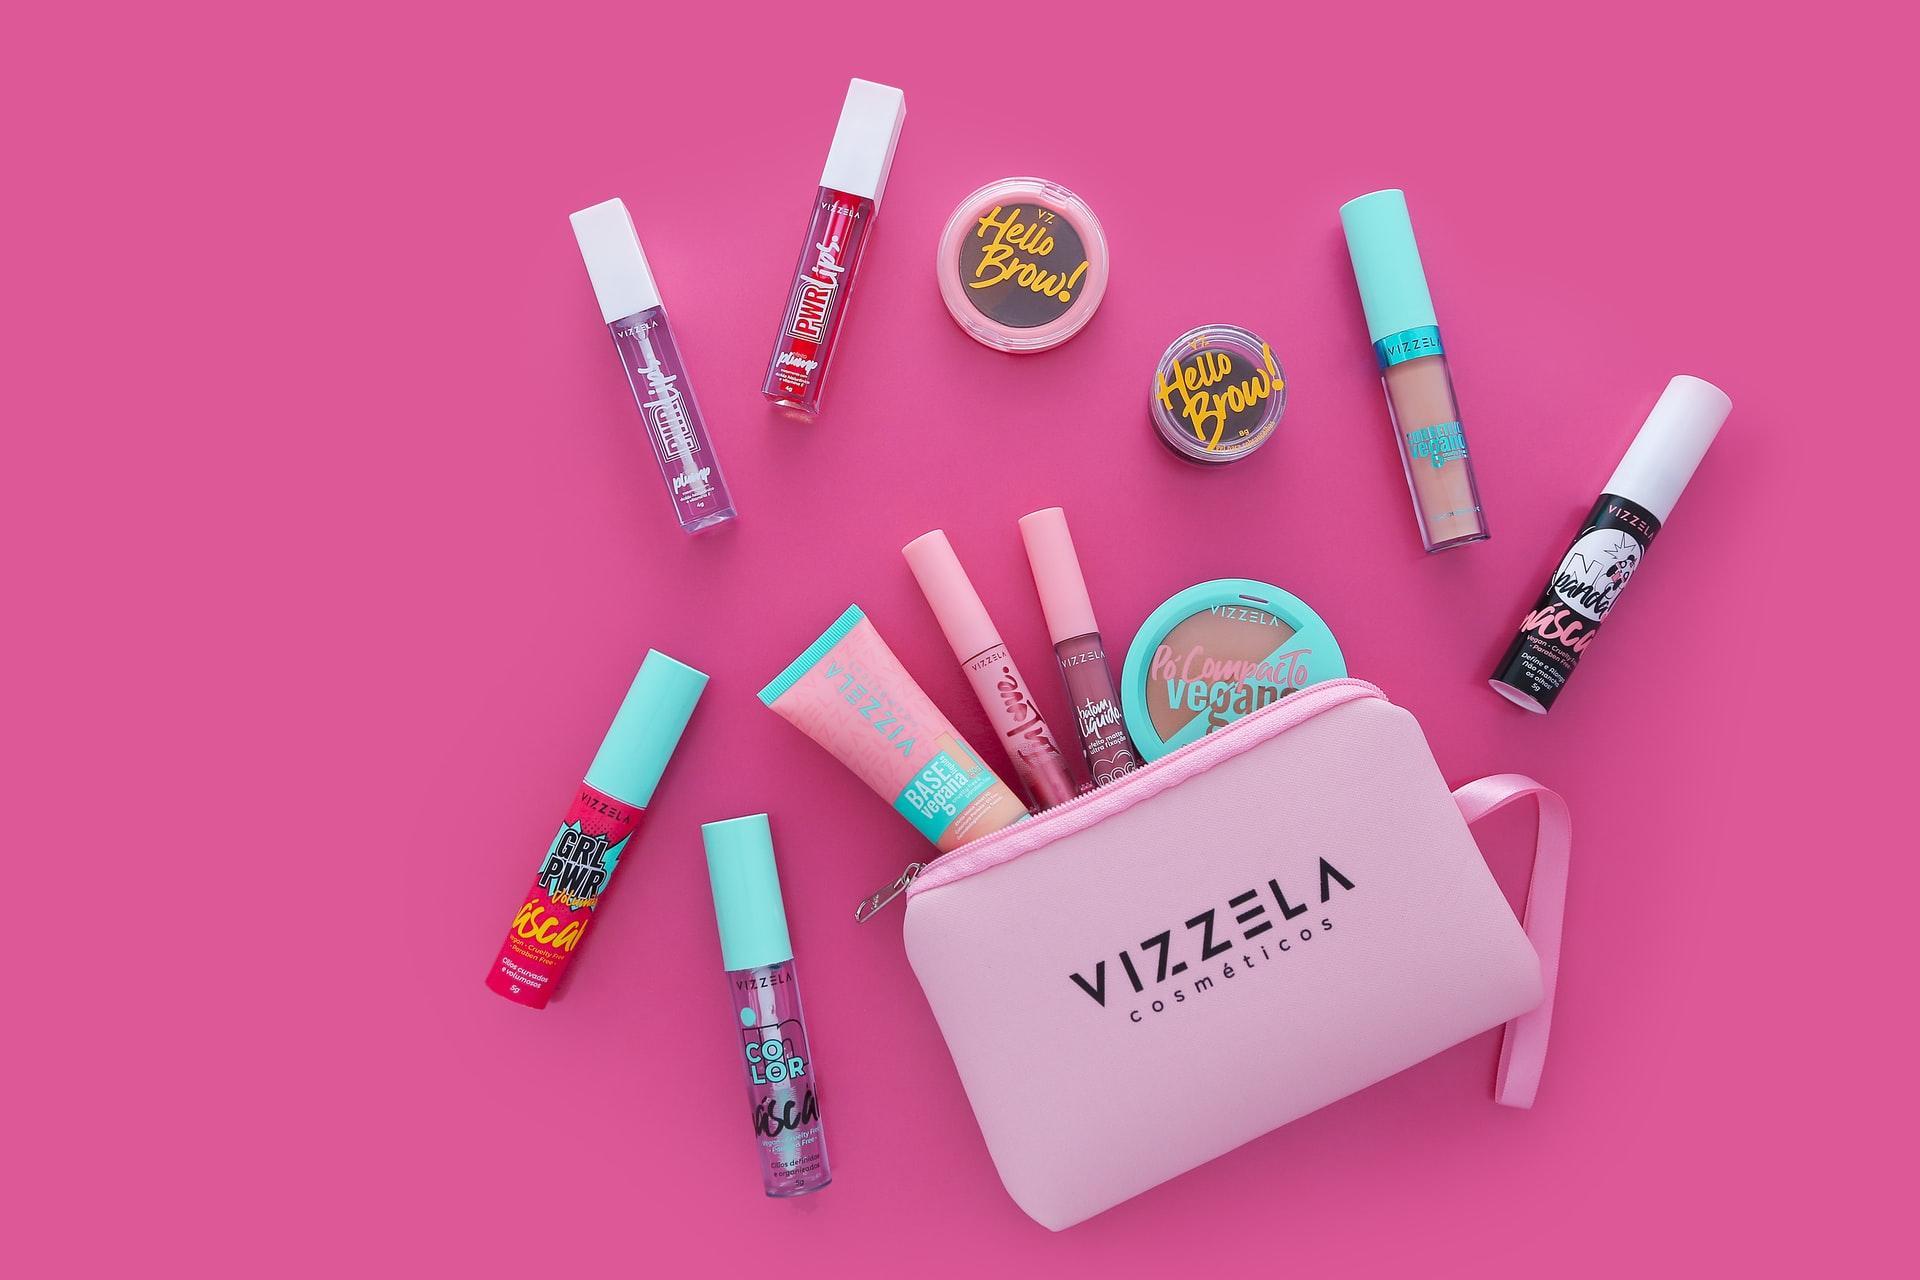 Jakie kosmetyki dla nastolatek? Co powinno się znaleźć w kosmetyczce nastolatki latem?